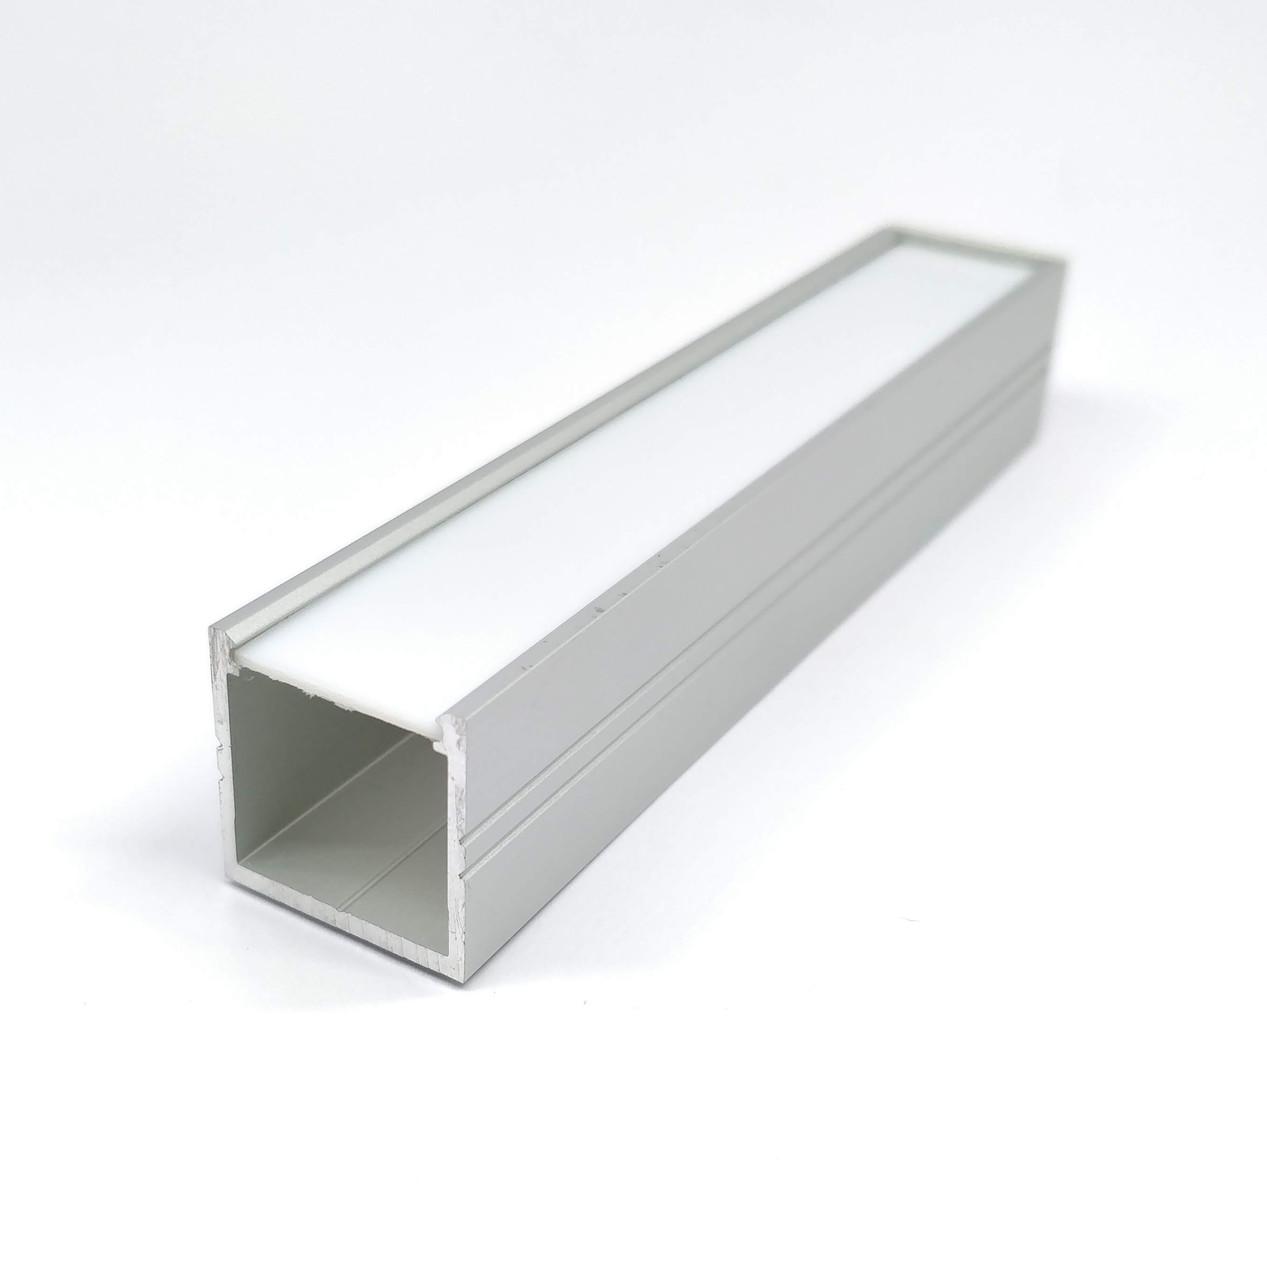 Профиль алюминиевый с рассеивателем для LED ленты 18x18 lp 1818